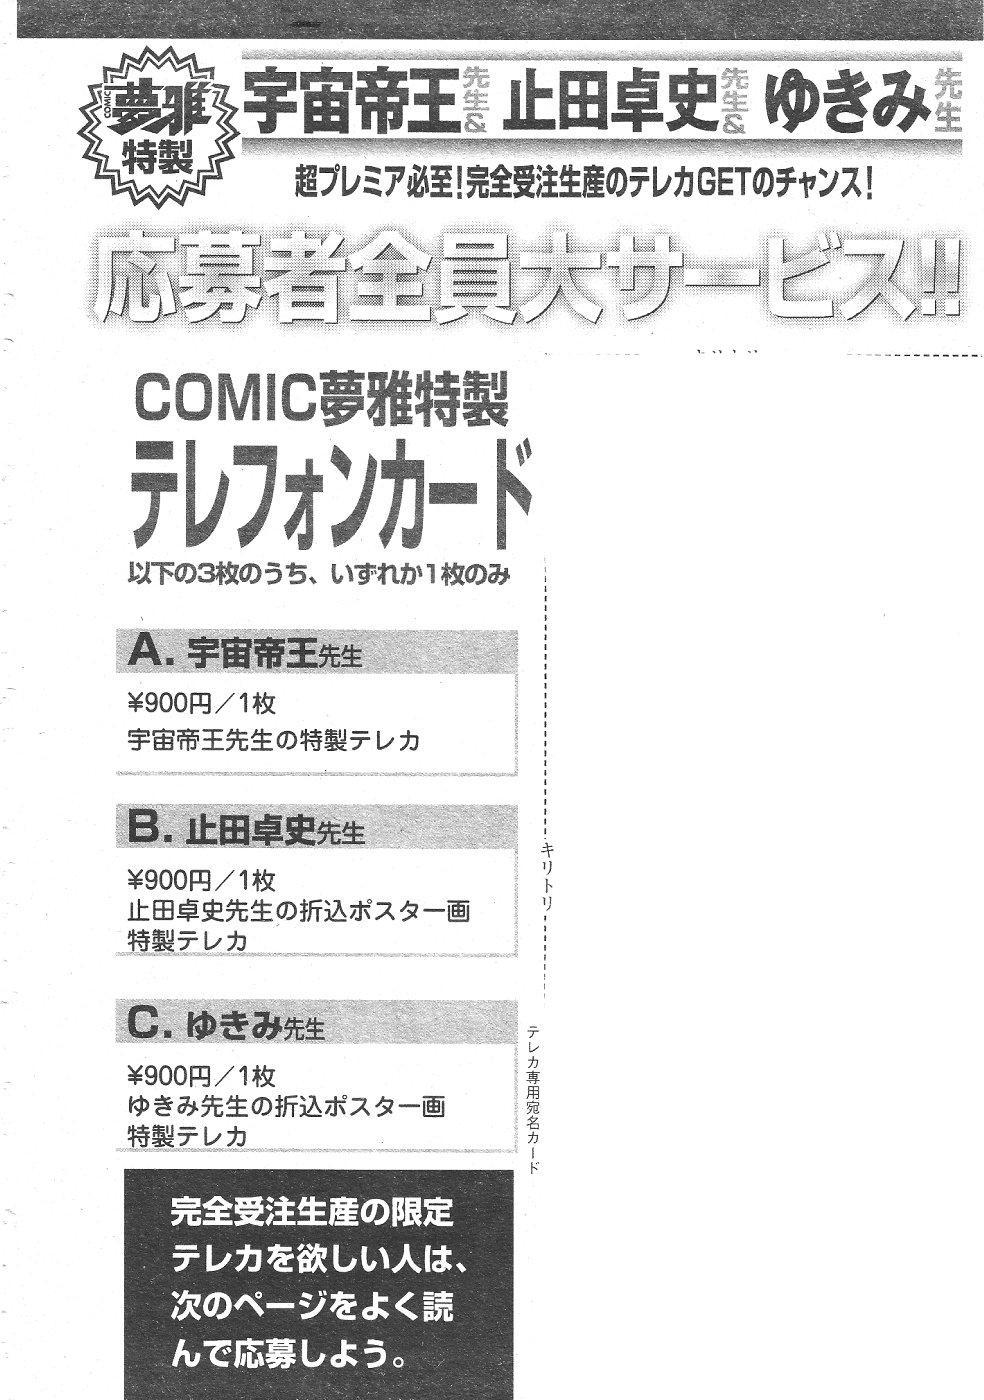 Gekkan Comic Muga 2004-06 Vol.10 421